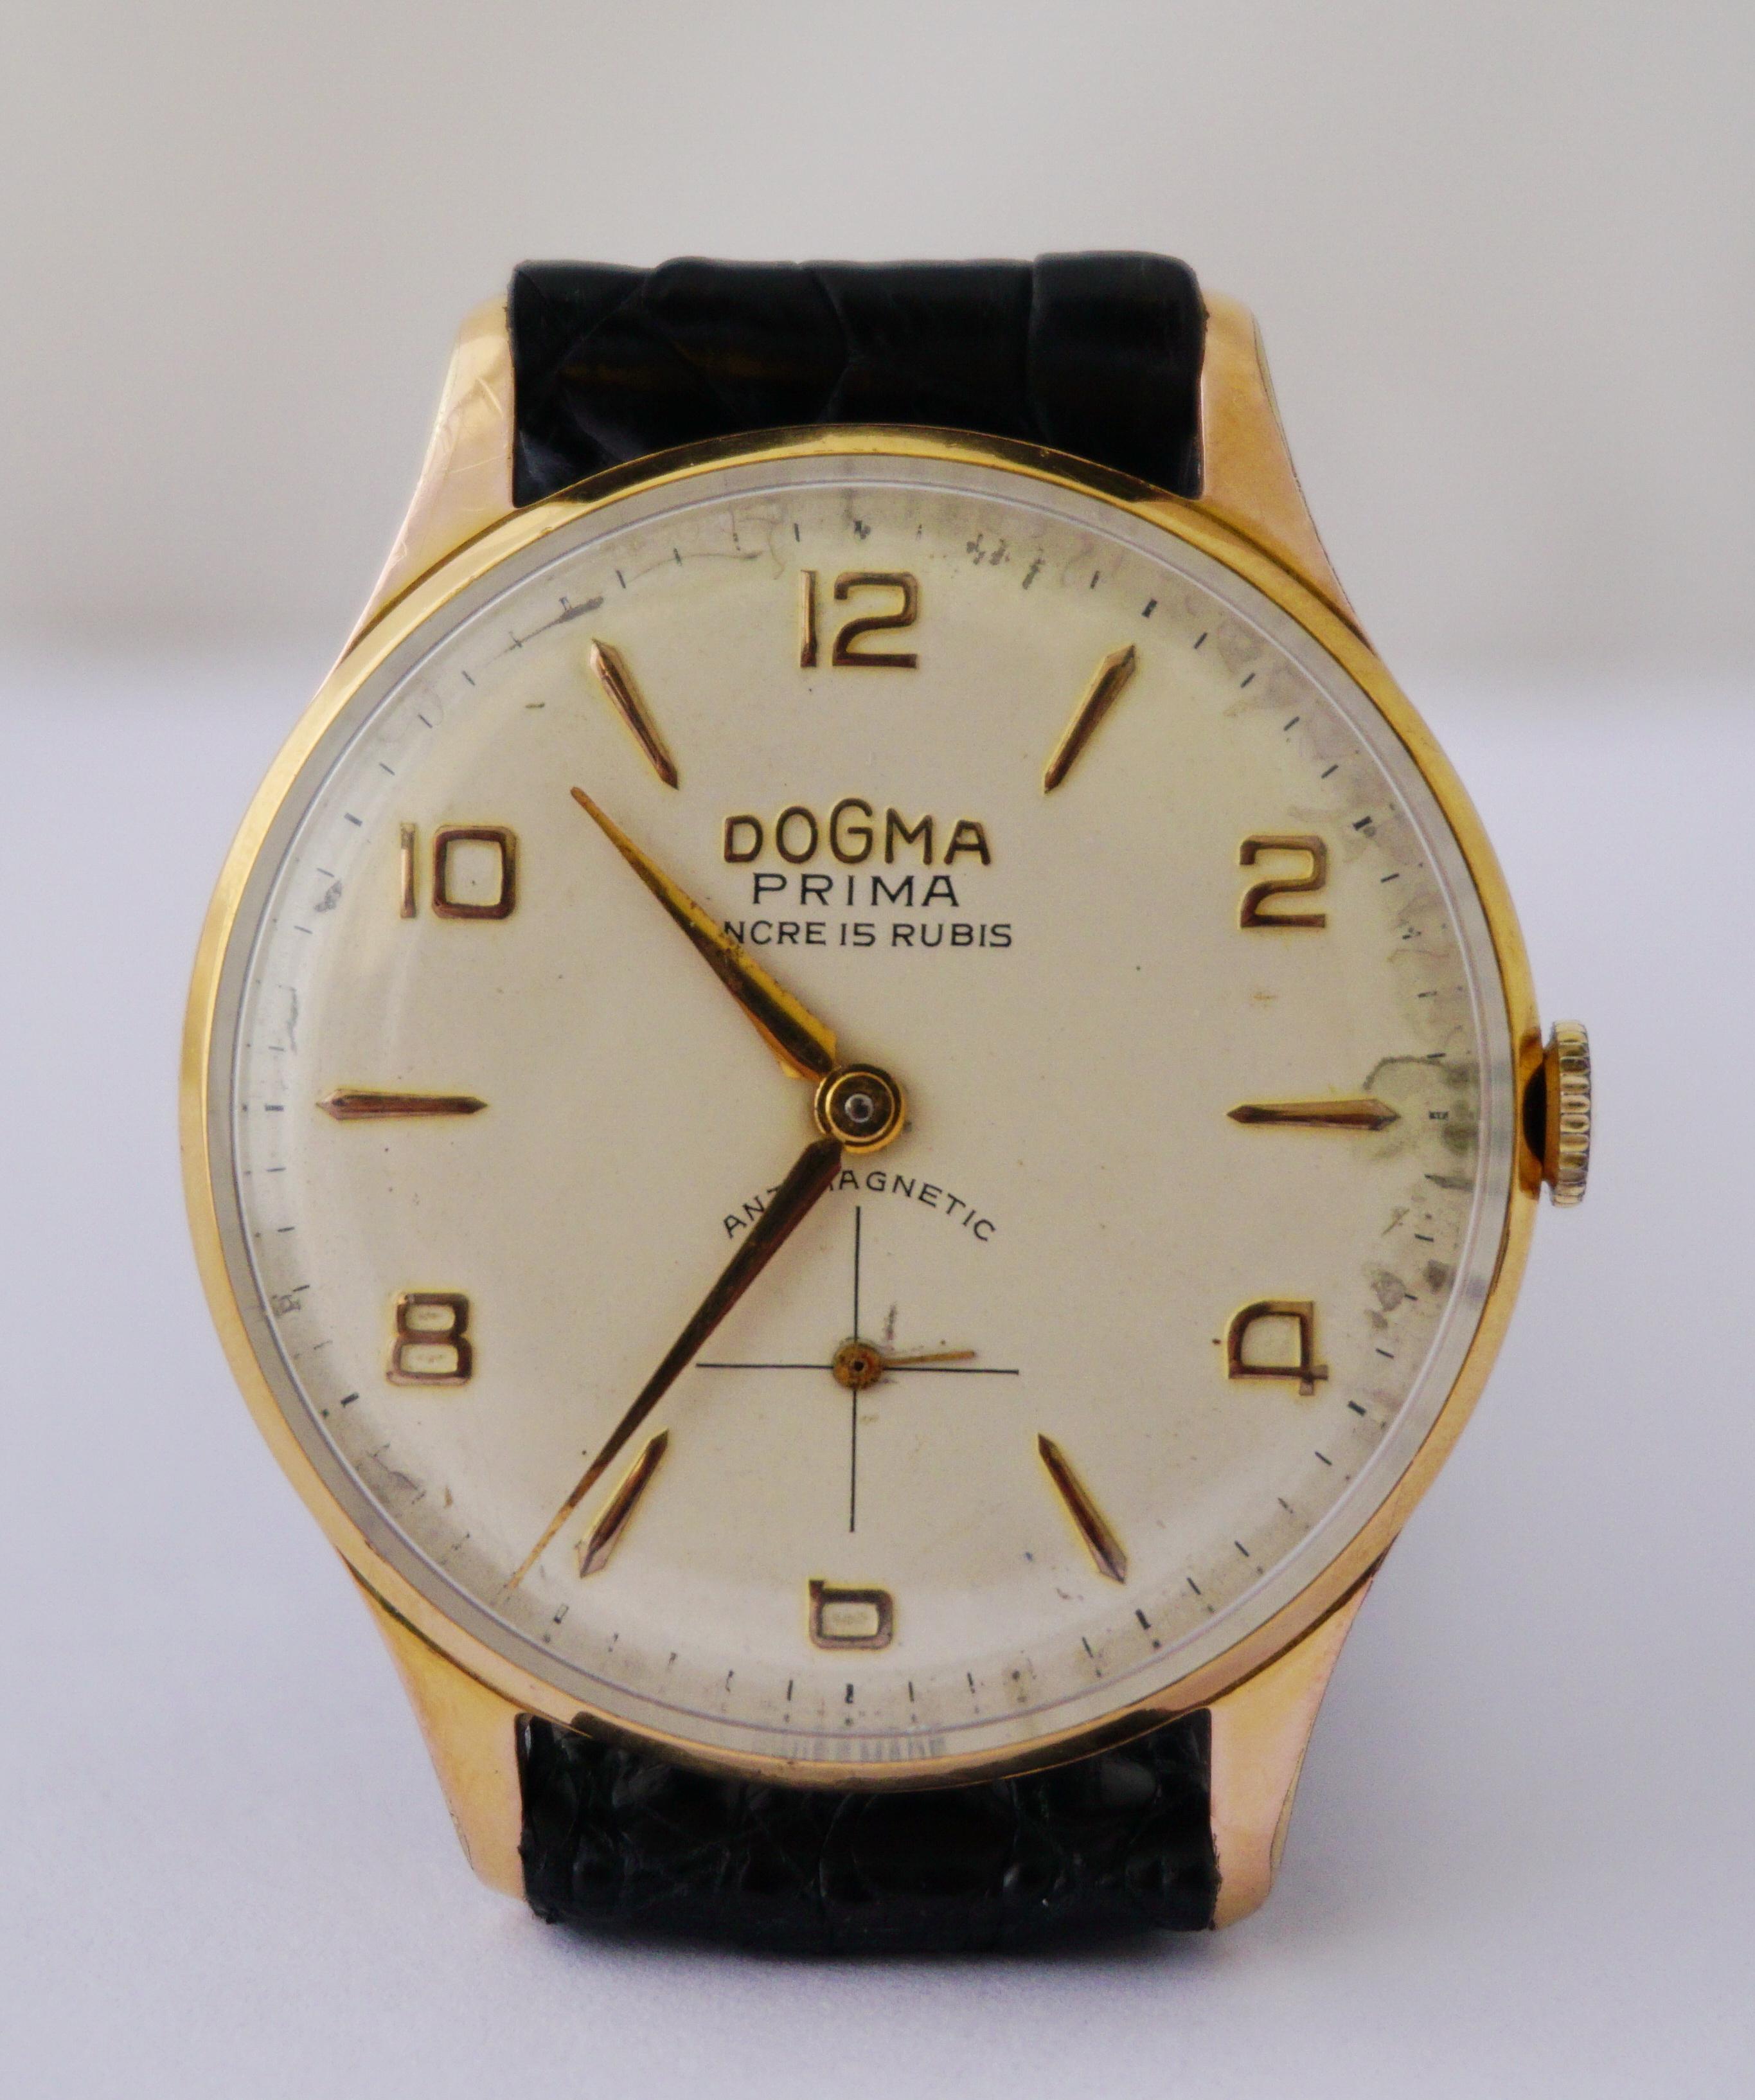 นาฬิกาเก่า DOGMA ไขลานสองเข็มครึ่ง